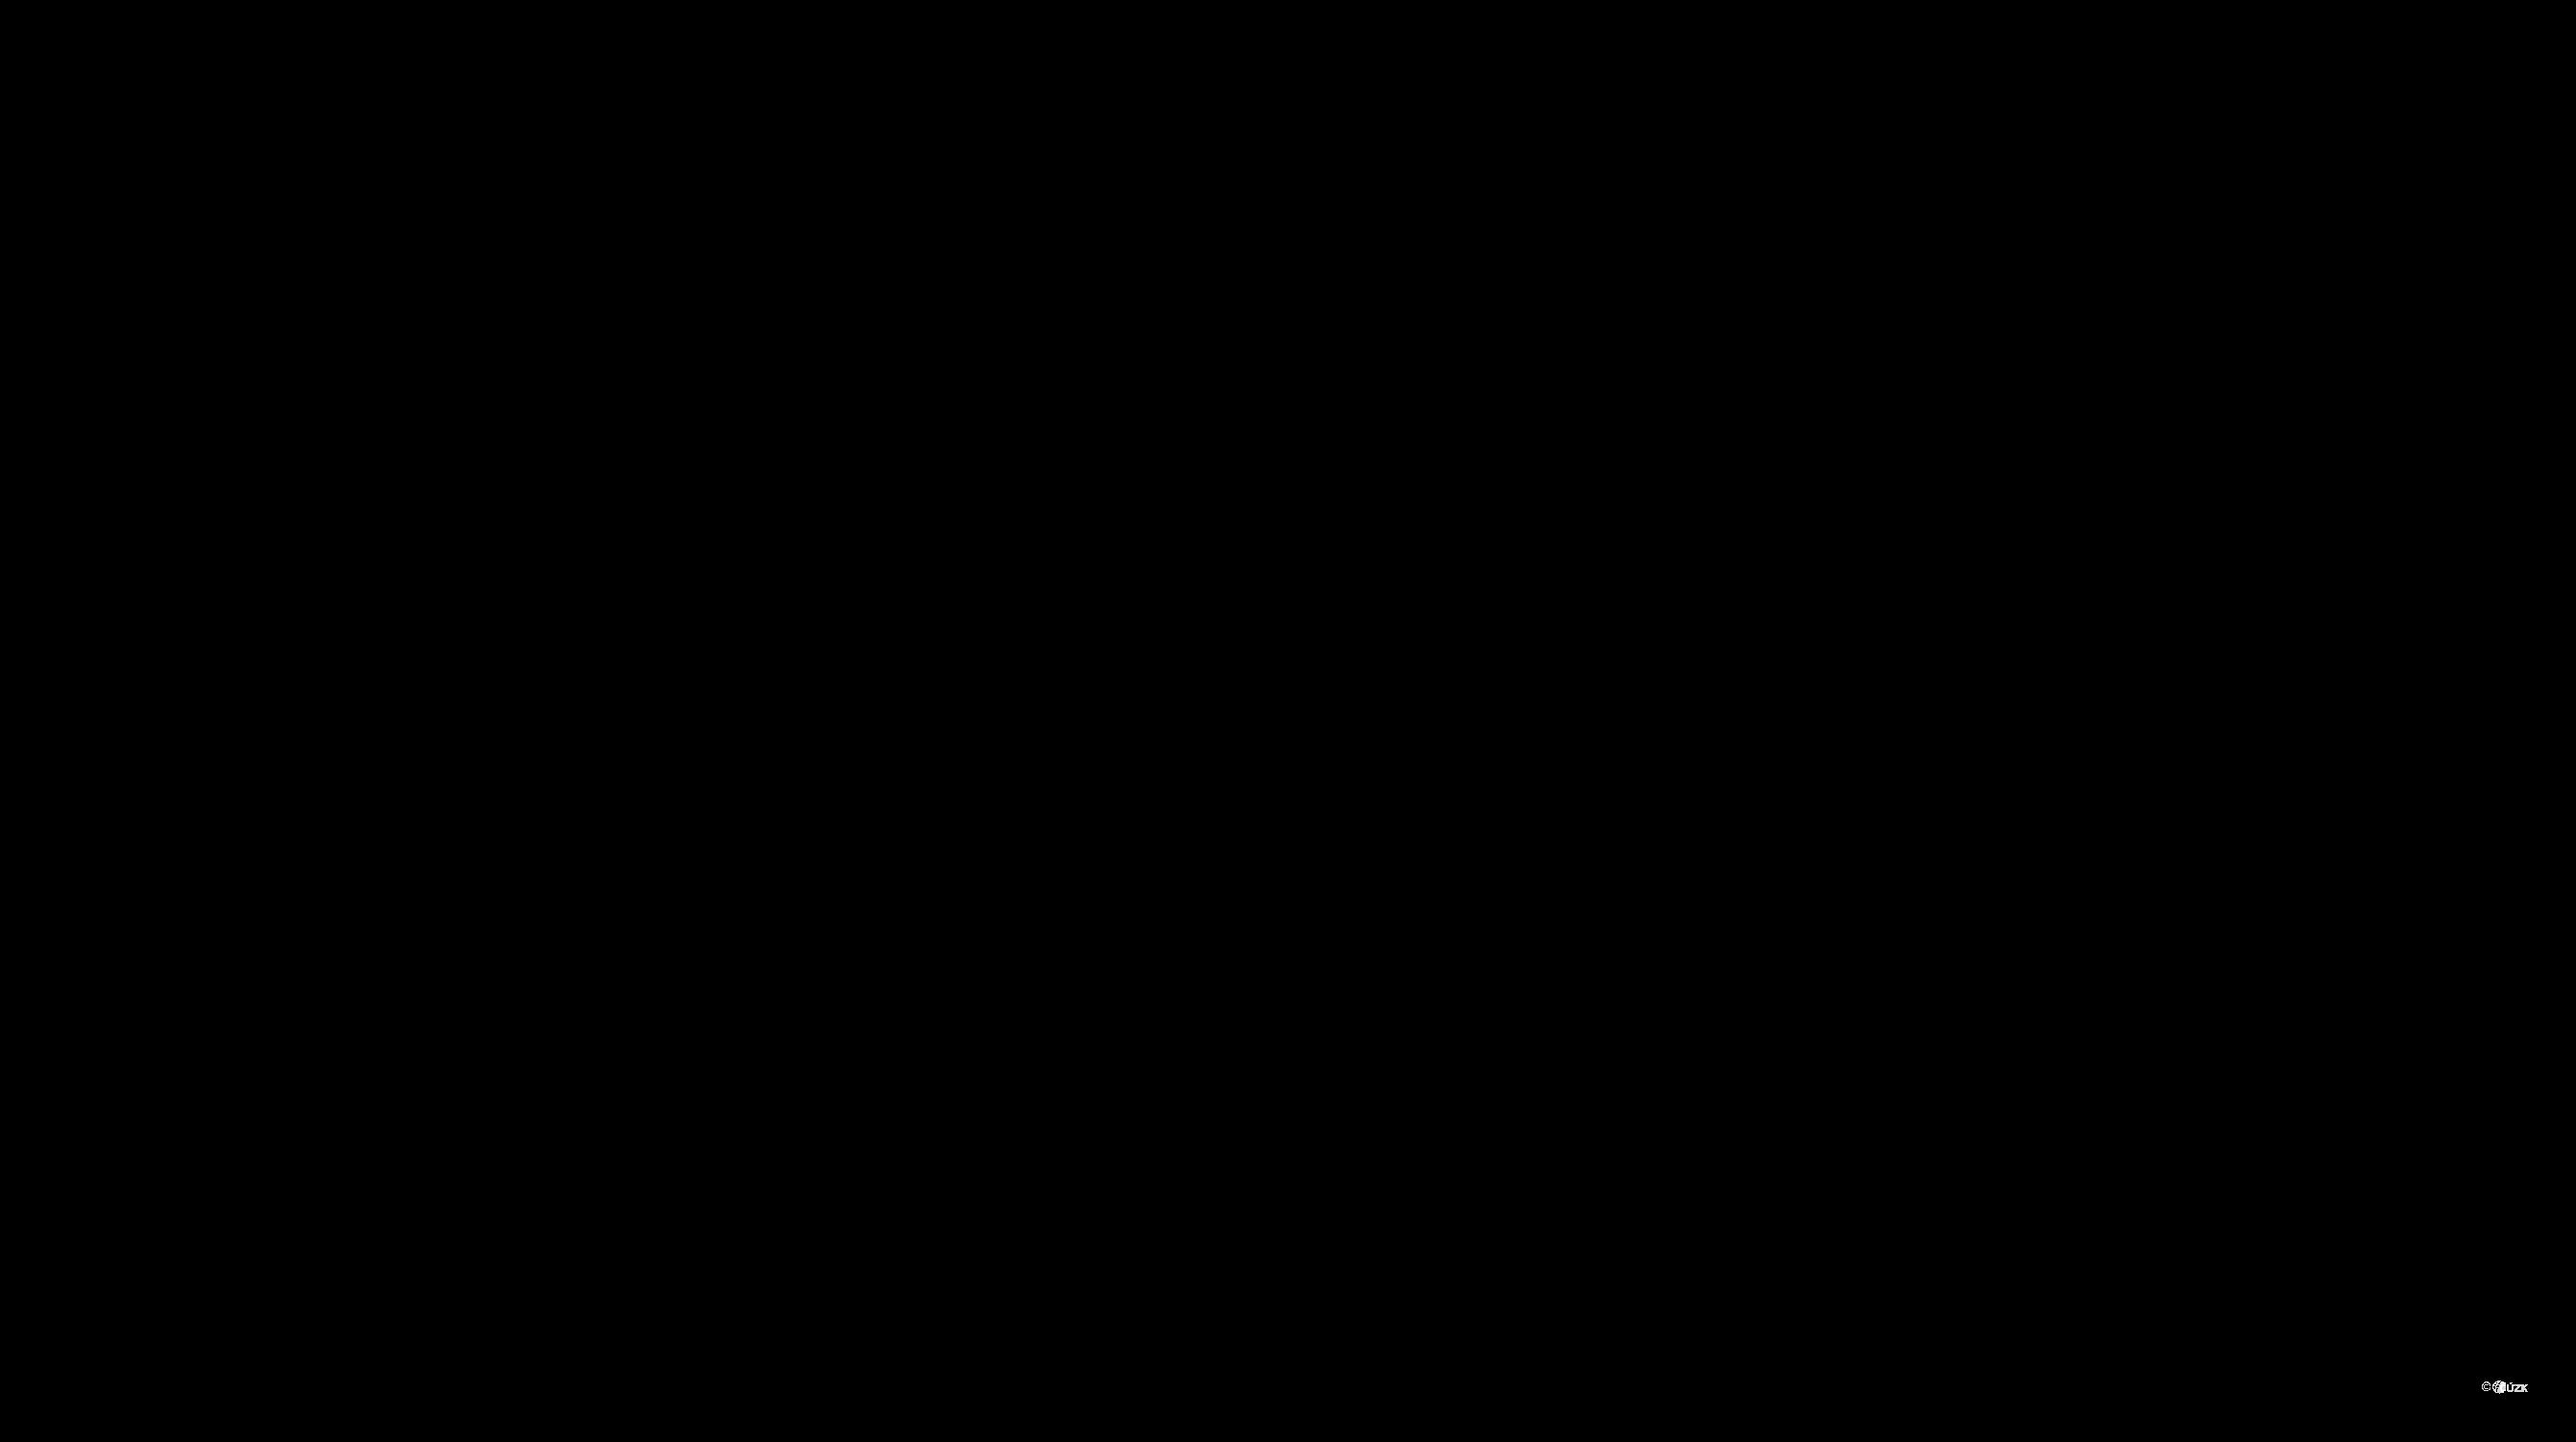 Katastrální mapa pozemků a čísla parcel Zbečník